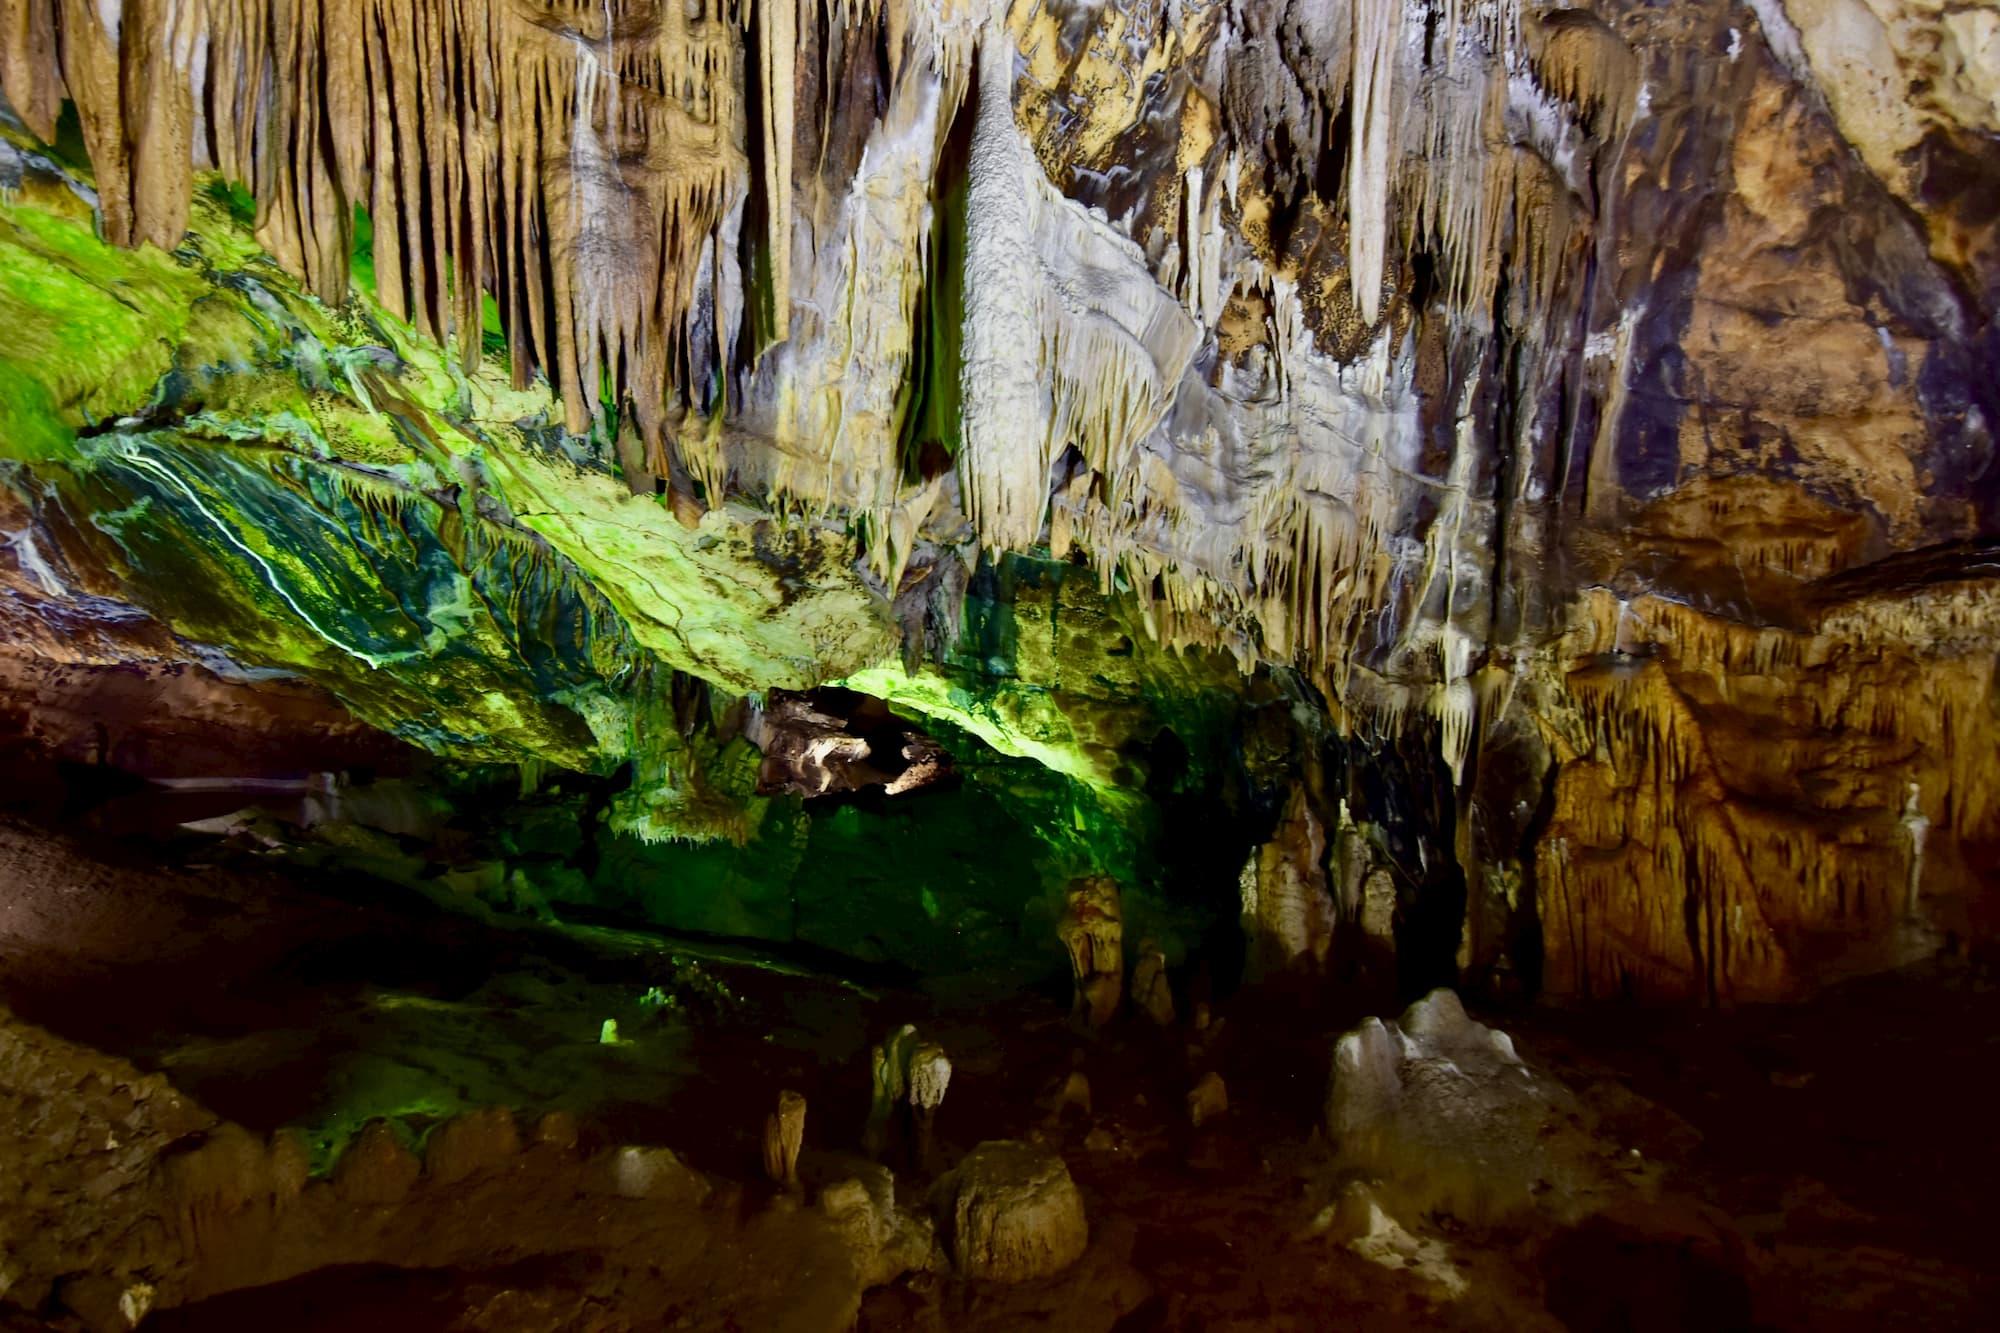 石灰岩の地盤に地下水や雨水が浸透してできる鍾乳洞がイタリア中に点在